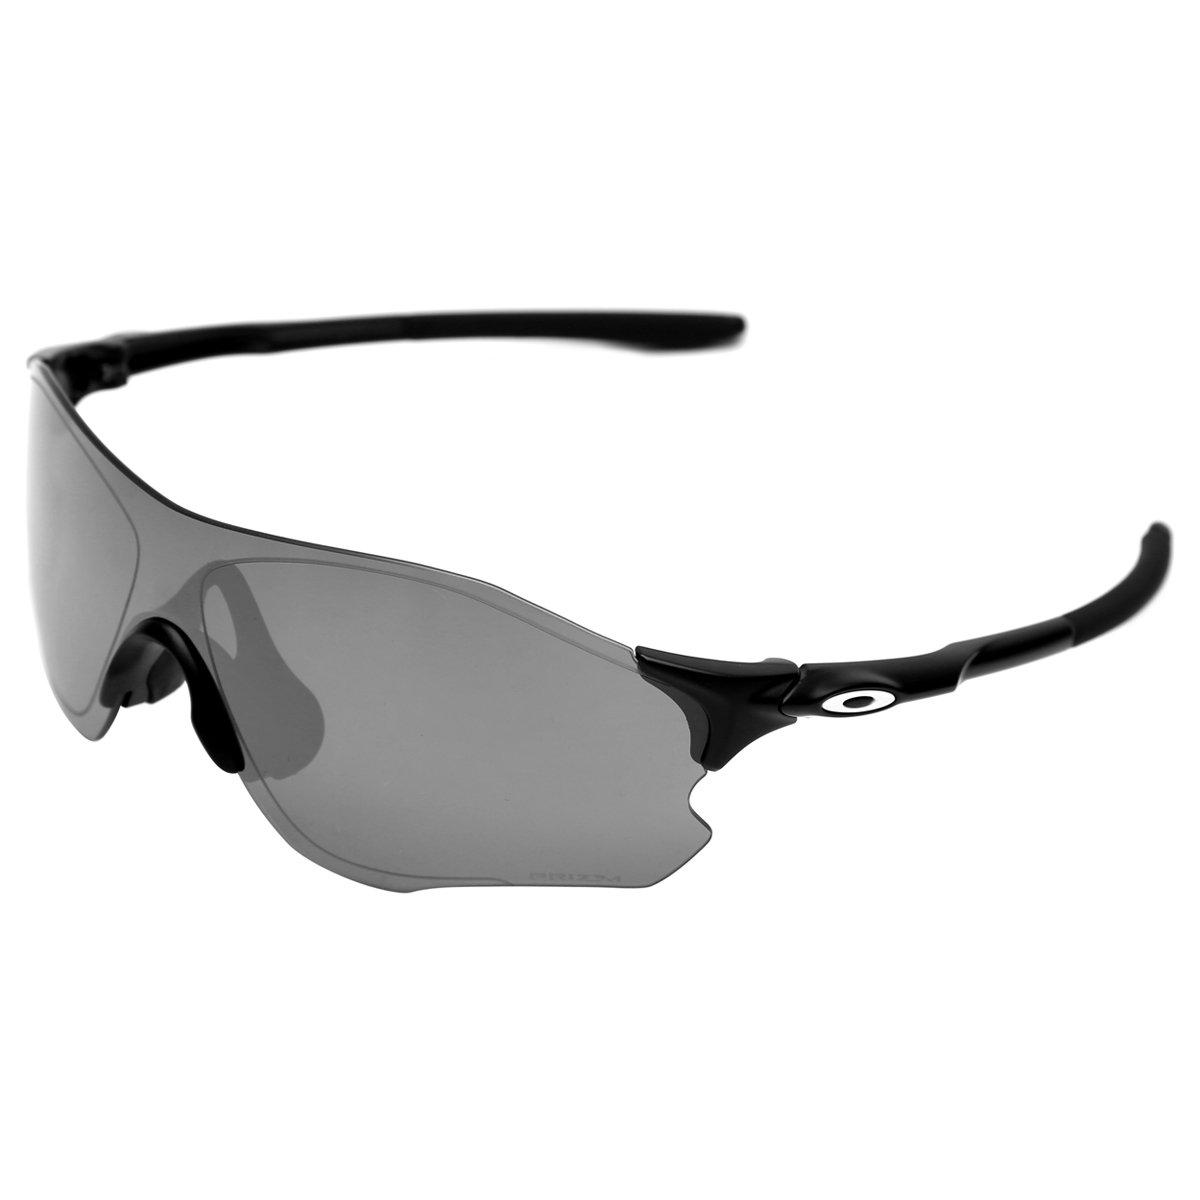 1286f8b60bc40 Óculos Oakley Evzero Path Prizm Polarizada - Compre Agora